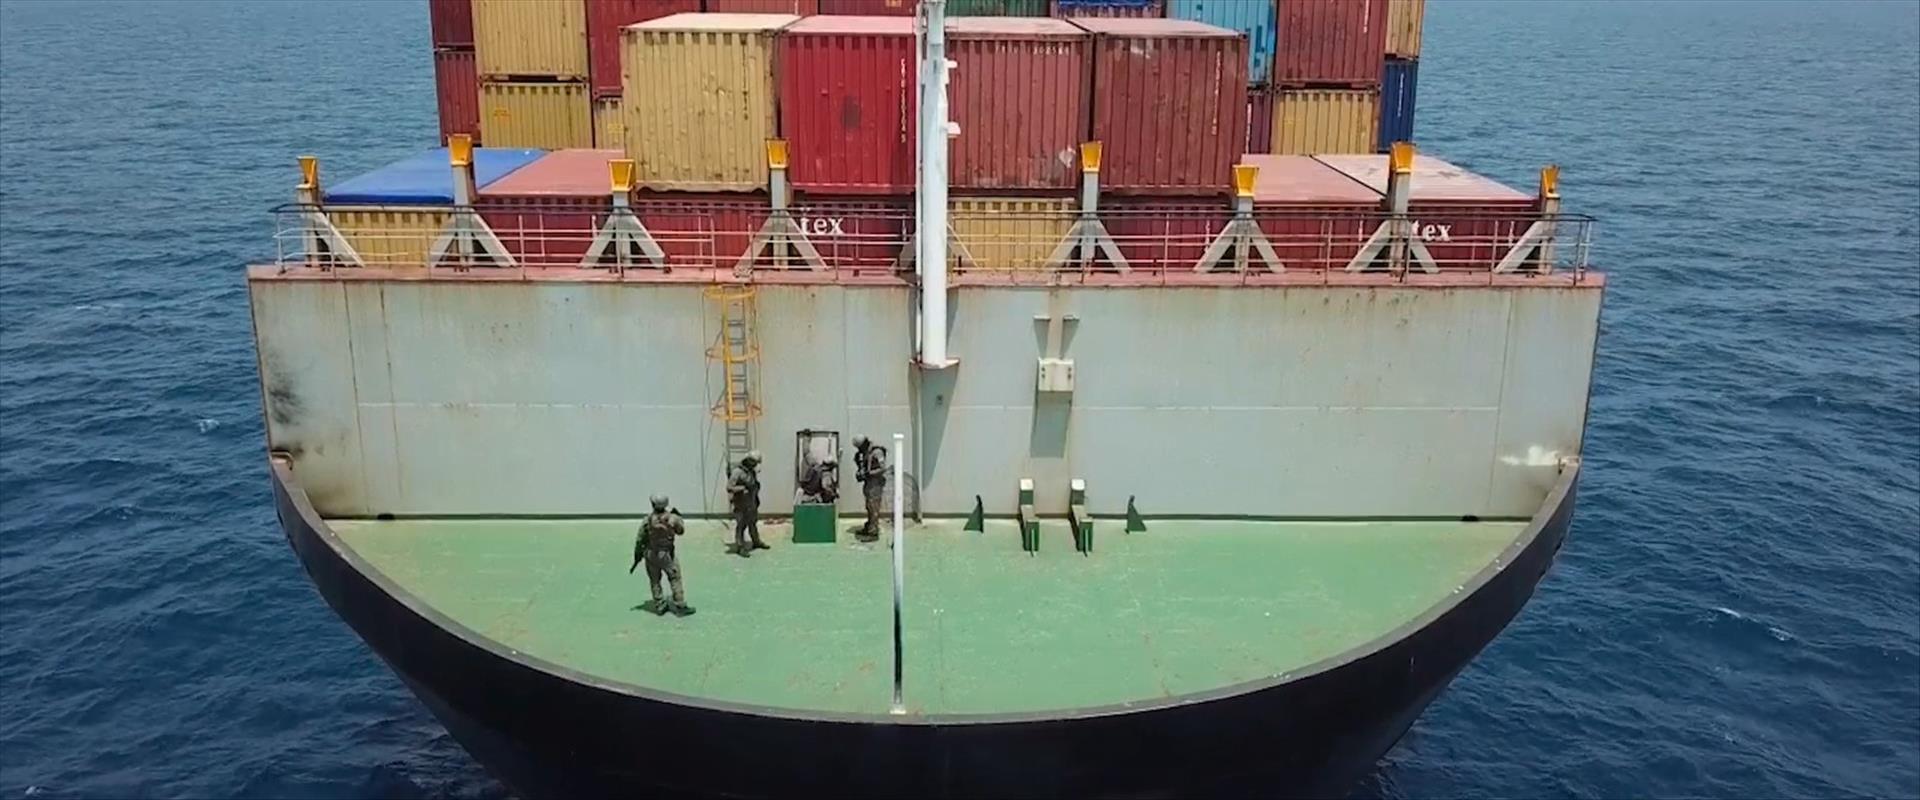 השתלטות חיל הים